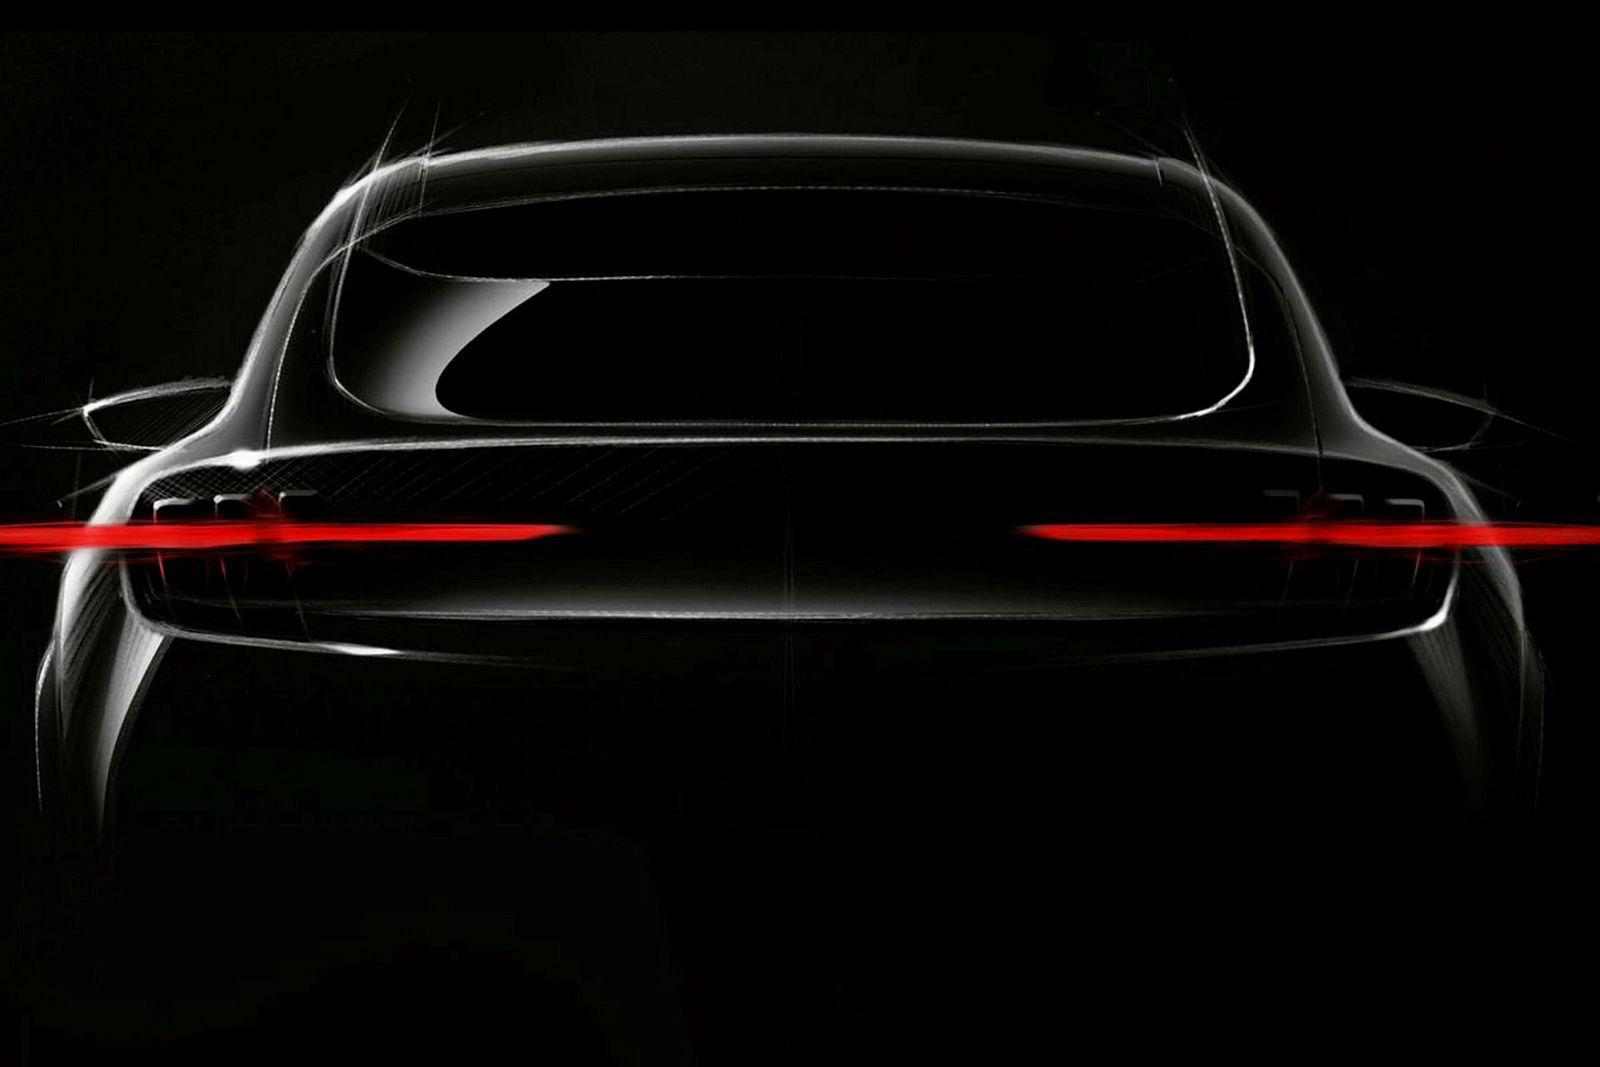 Dette er foreløpig hva Ford har røpet på designet til den nye Mustang-inspirerte elektriske suven.